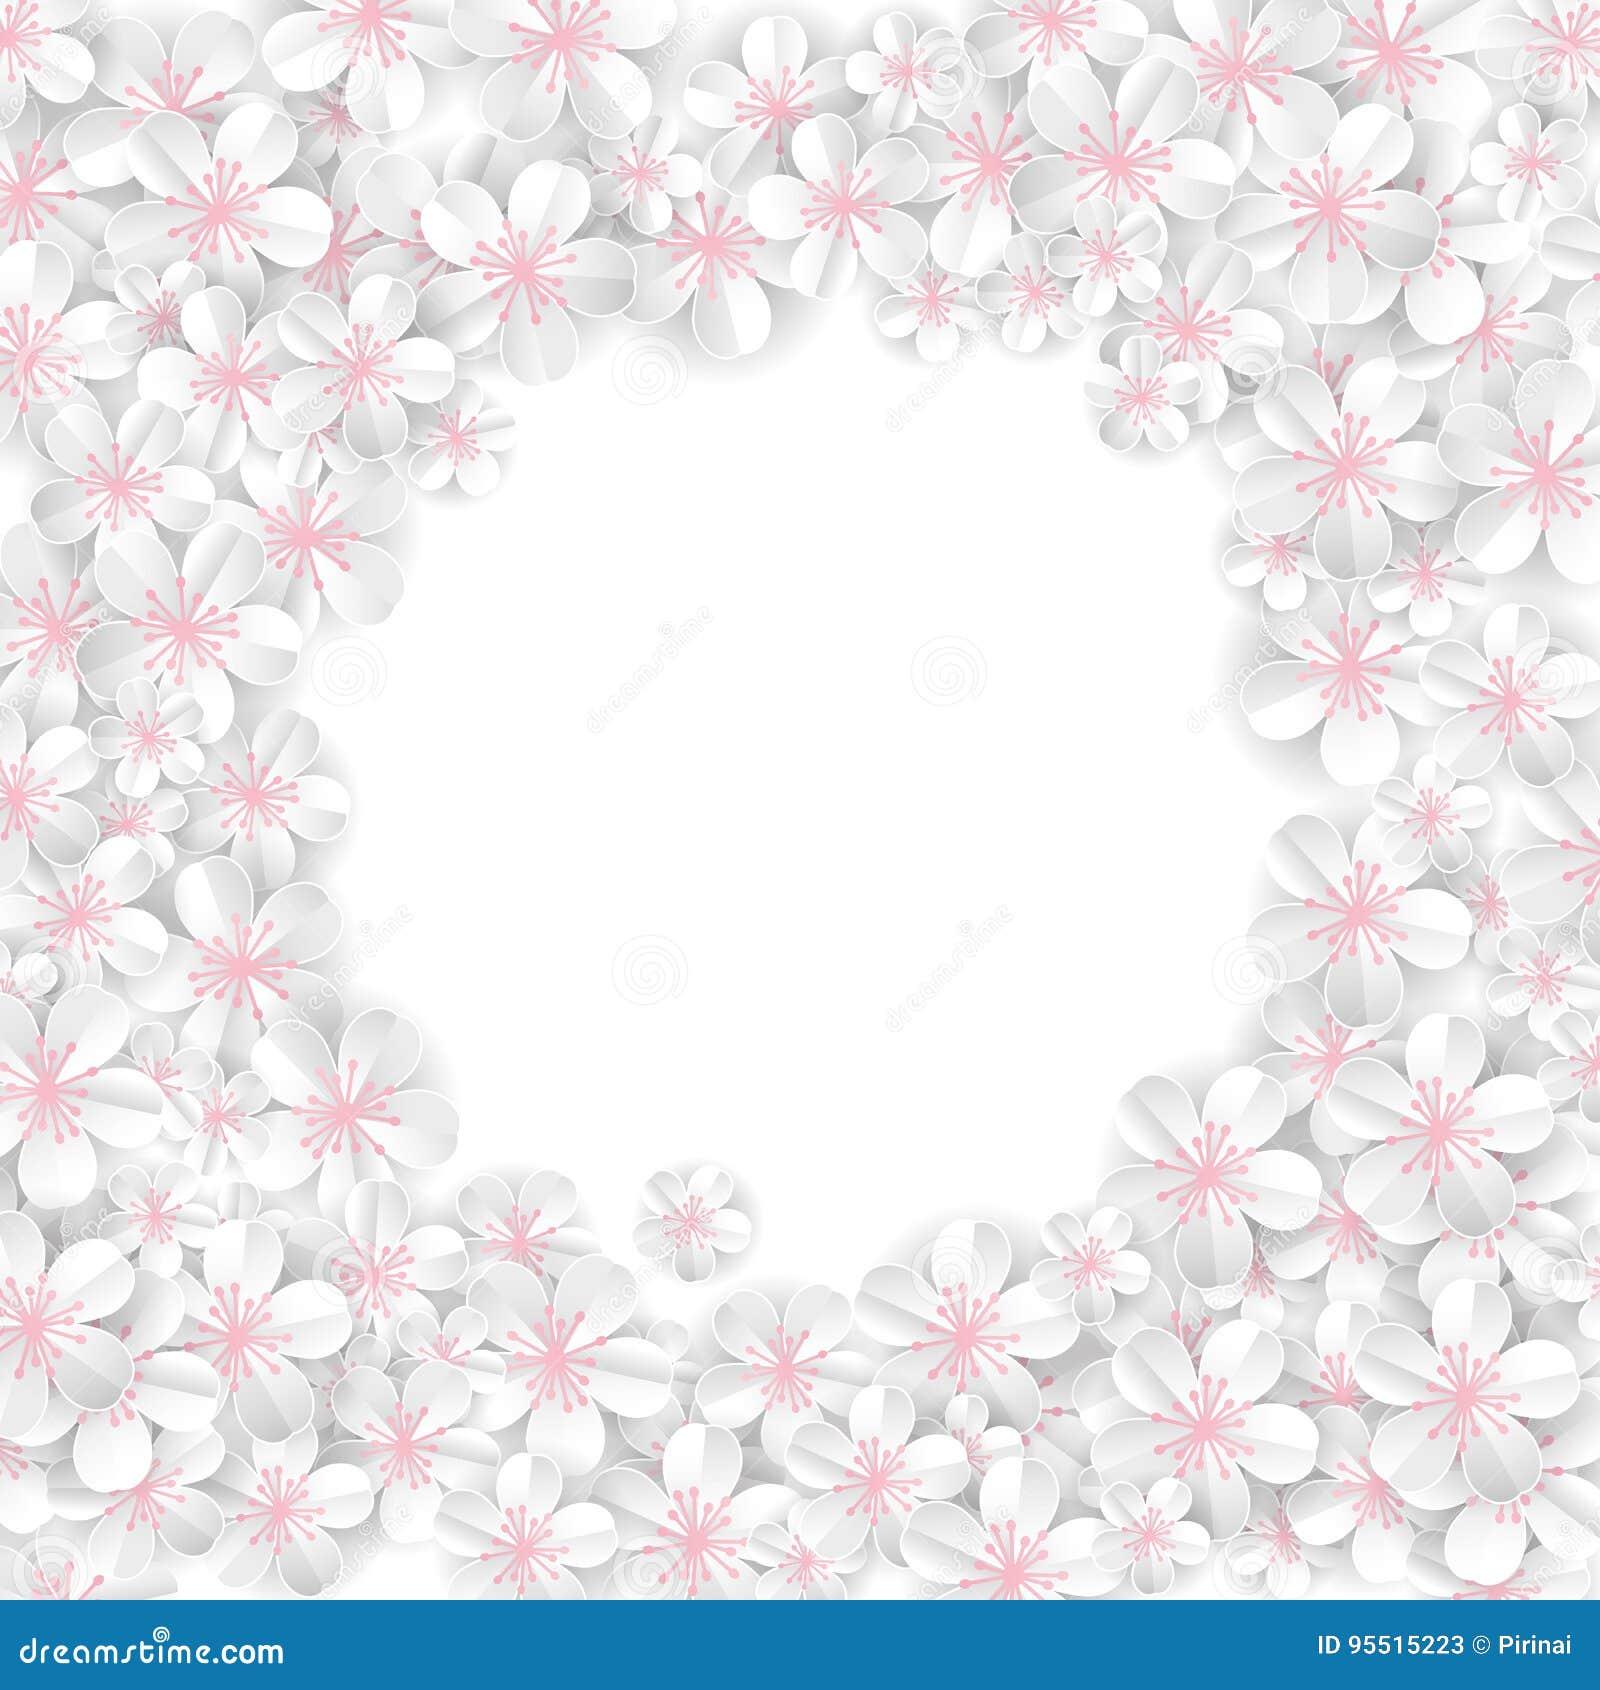 White Flowers Banner Stock Vector Illustration Of Celebrate